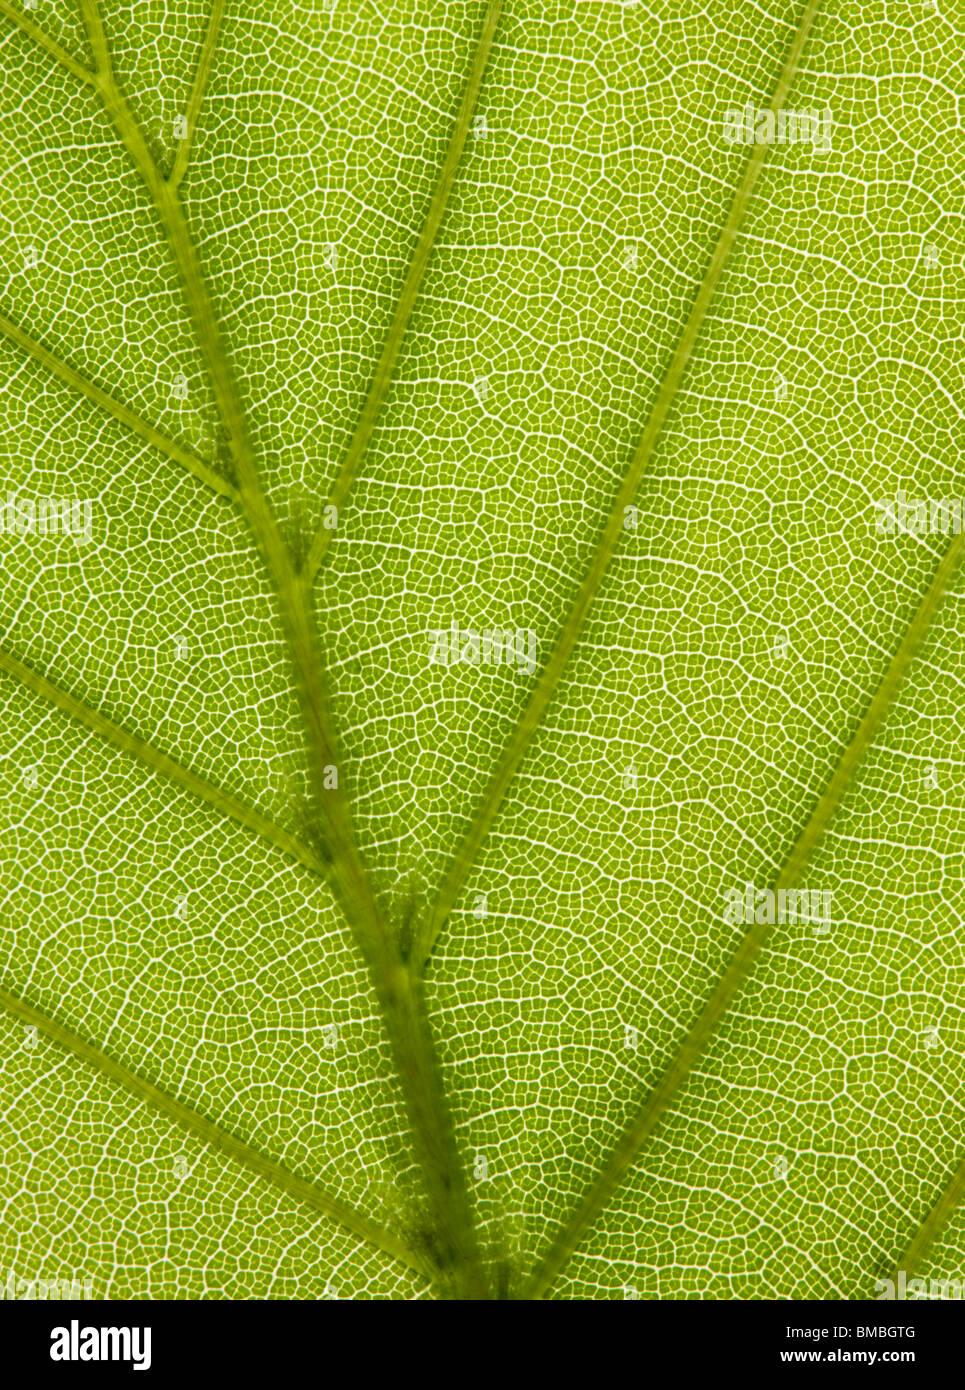 Feuille d'hêtre, Fagus sylvatica. Pour montrer rétroéclairé veines. Photo Stock